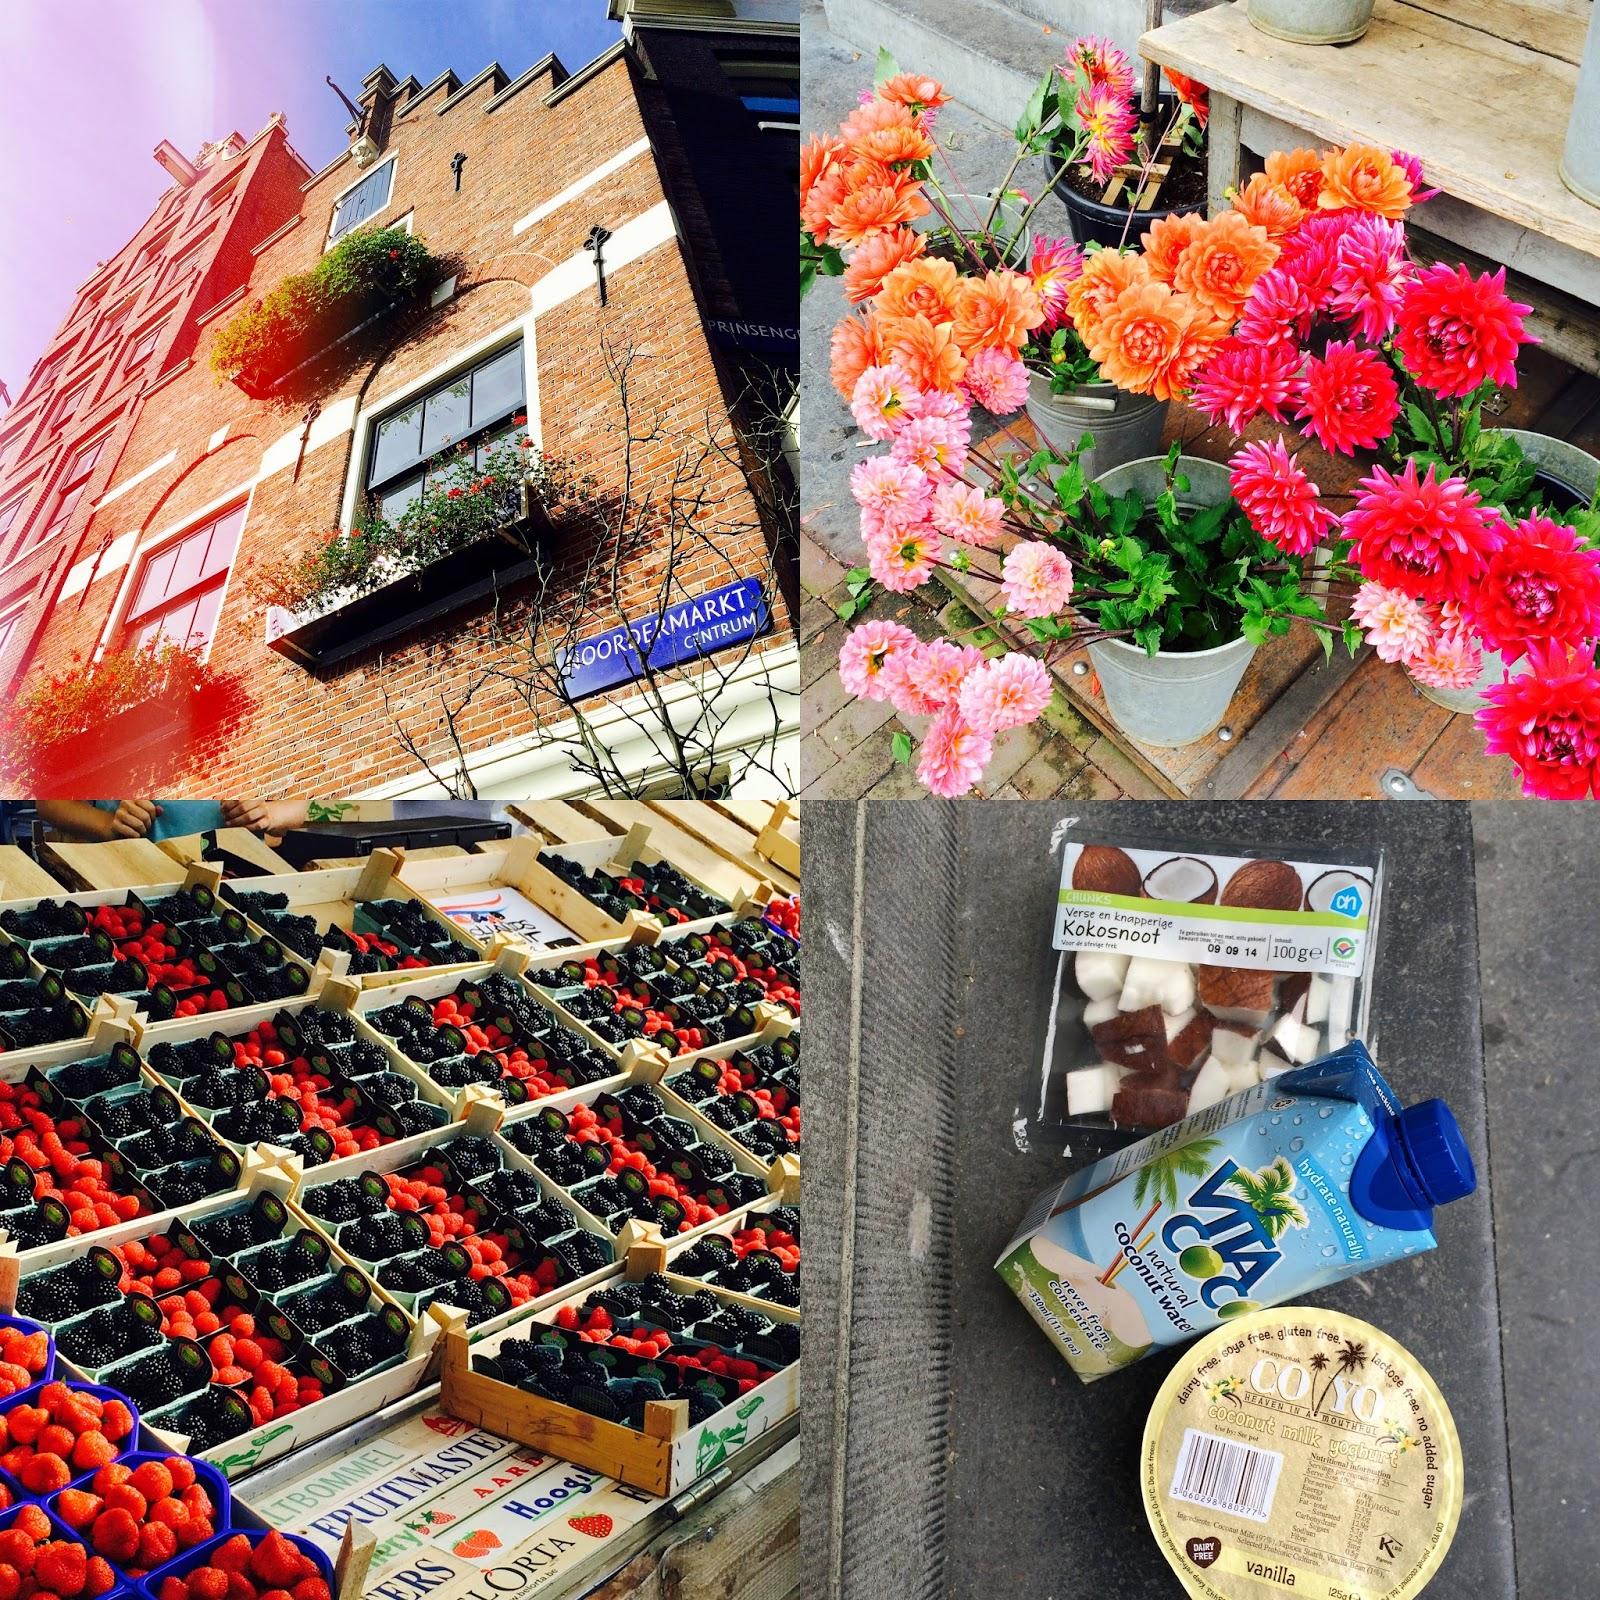 Amsterdam Hotspot Guide markets